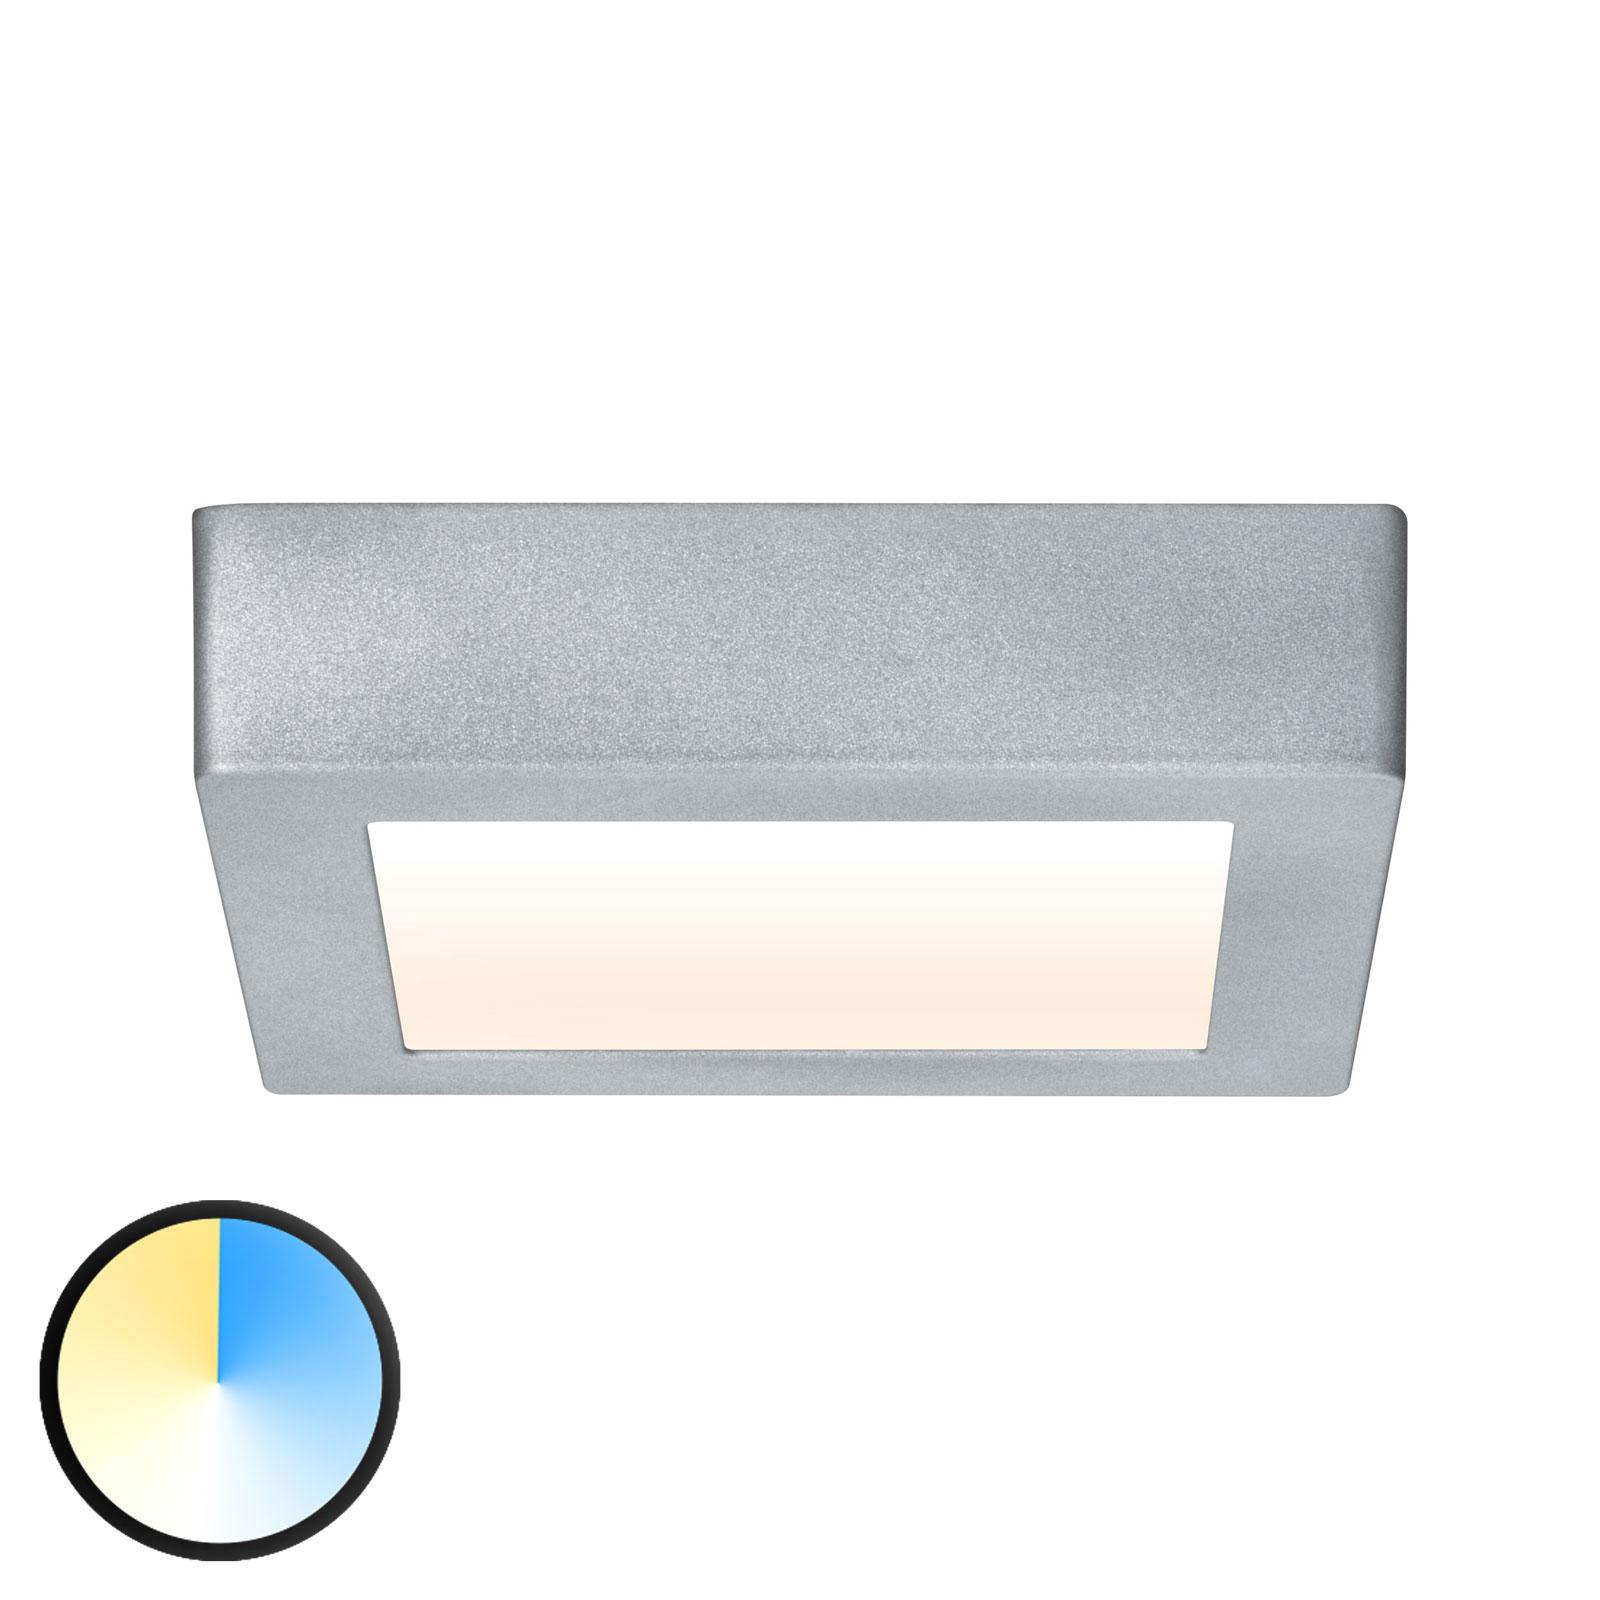 Paulmann Carpo plafoniera LED cromo 17x17cm